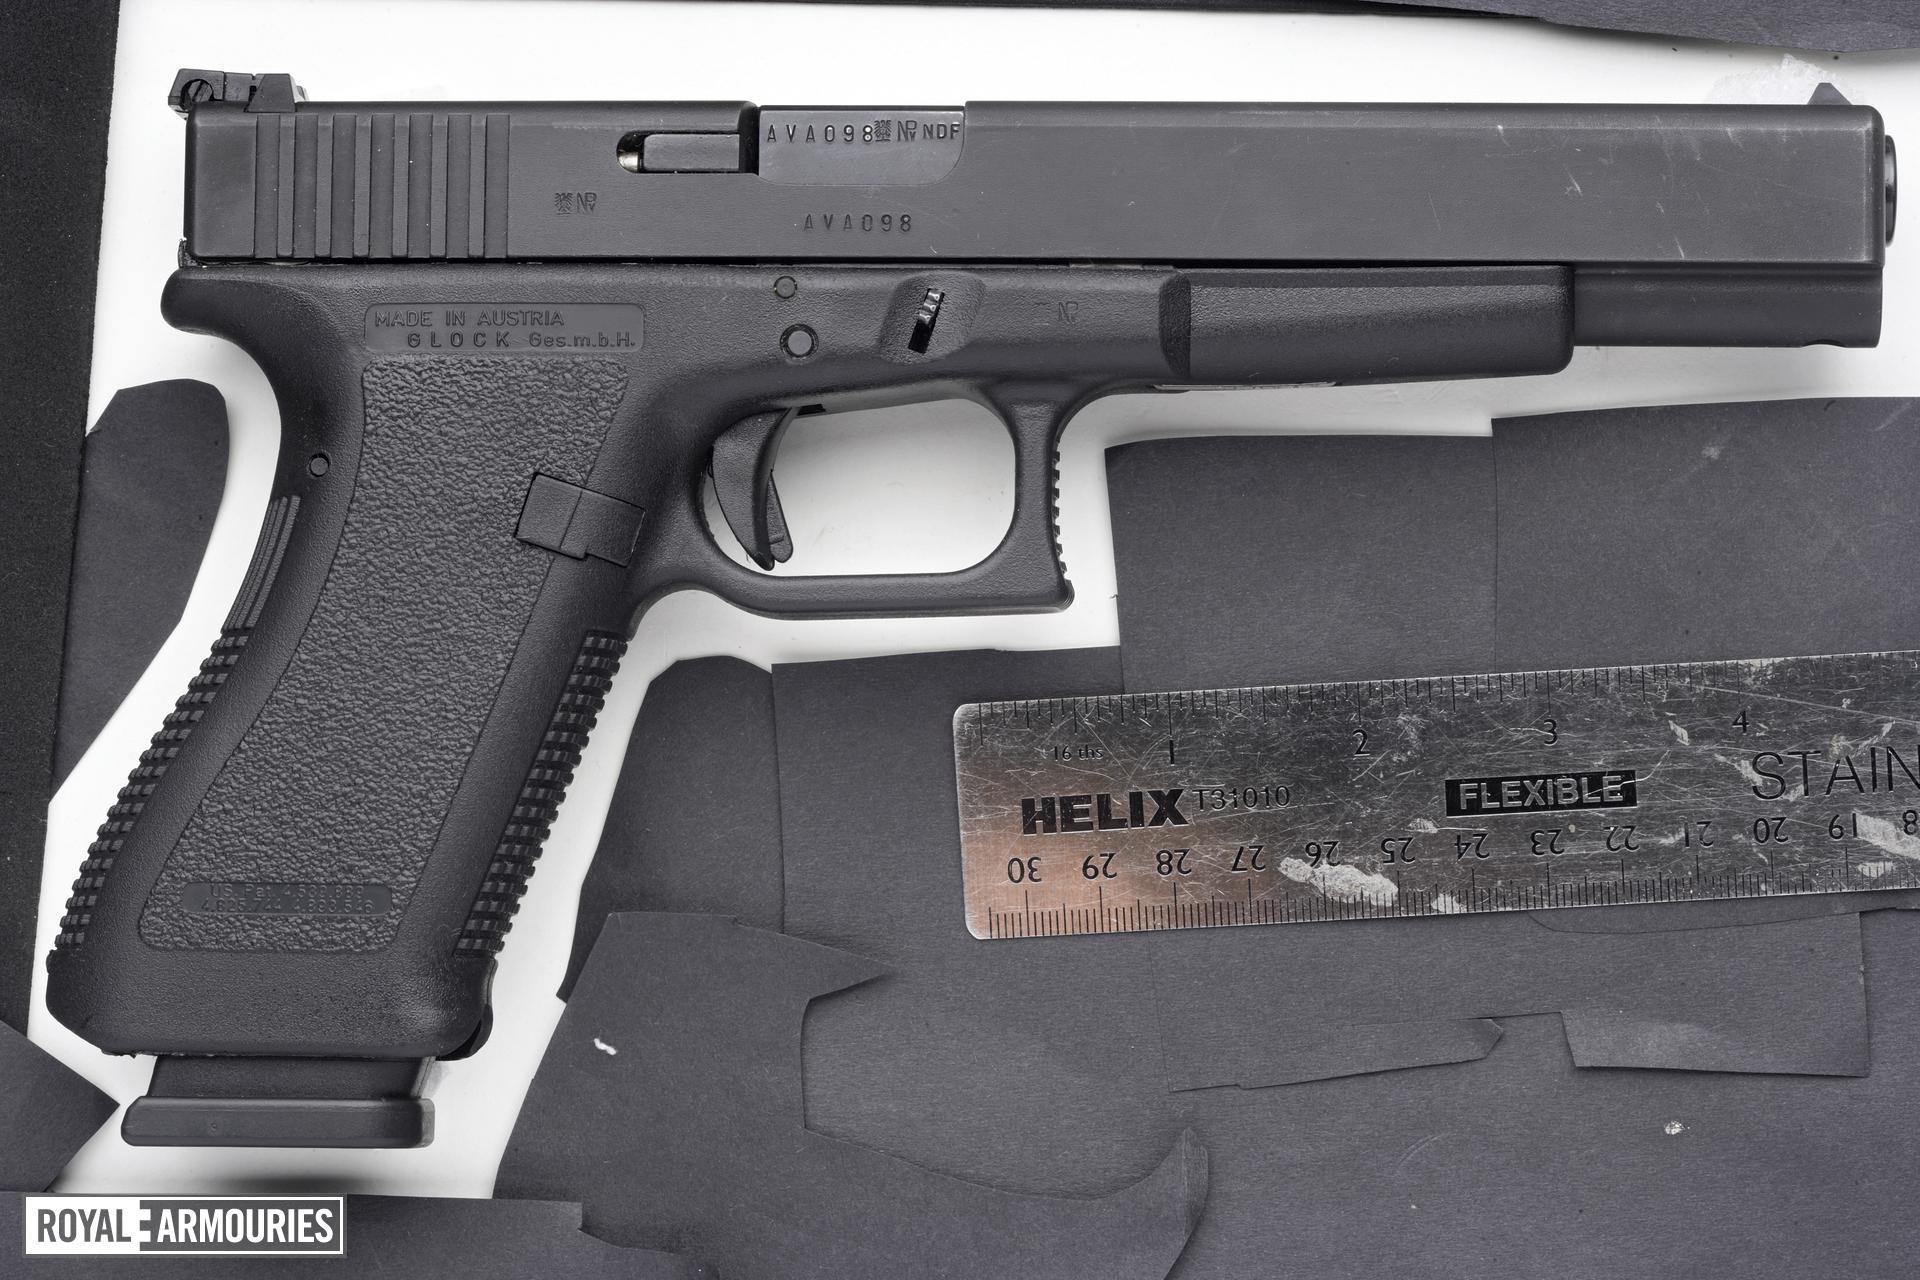 Centrefire self-loading target pistol - Glock 24